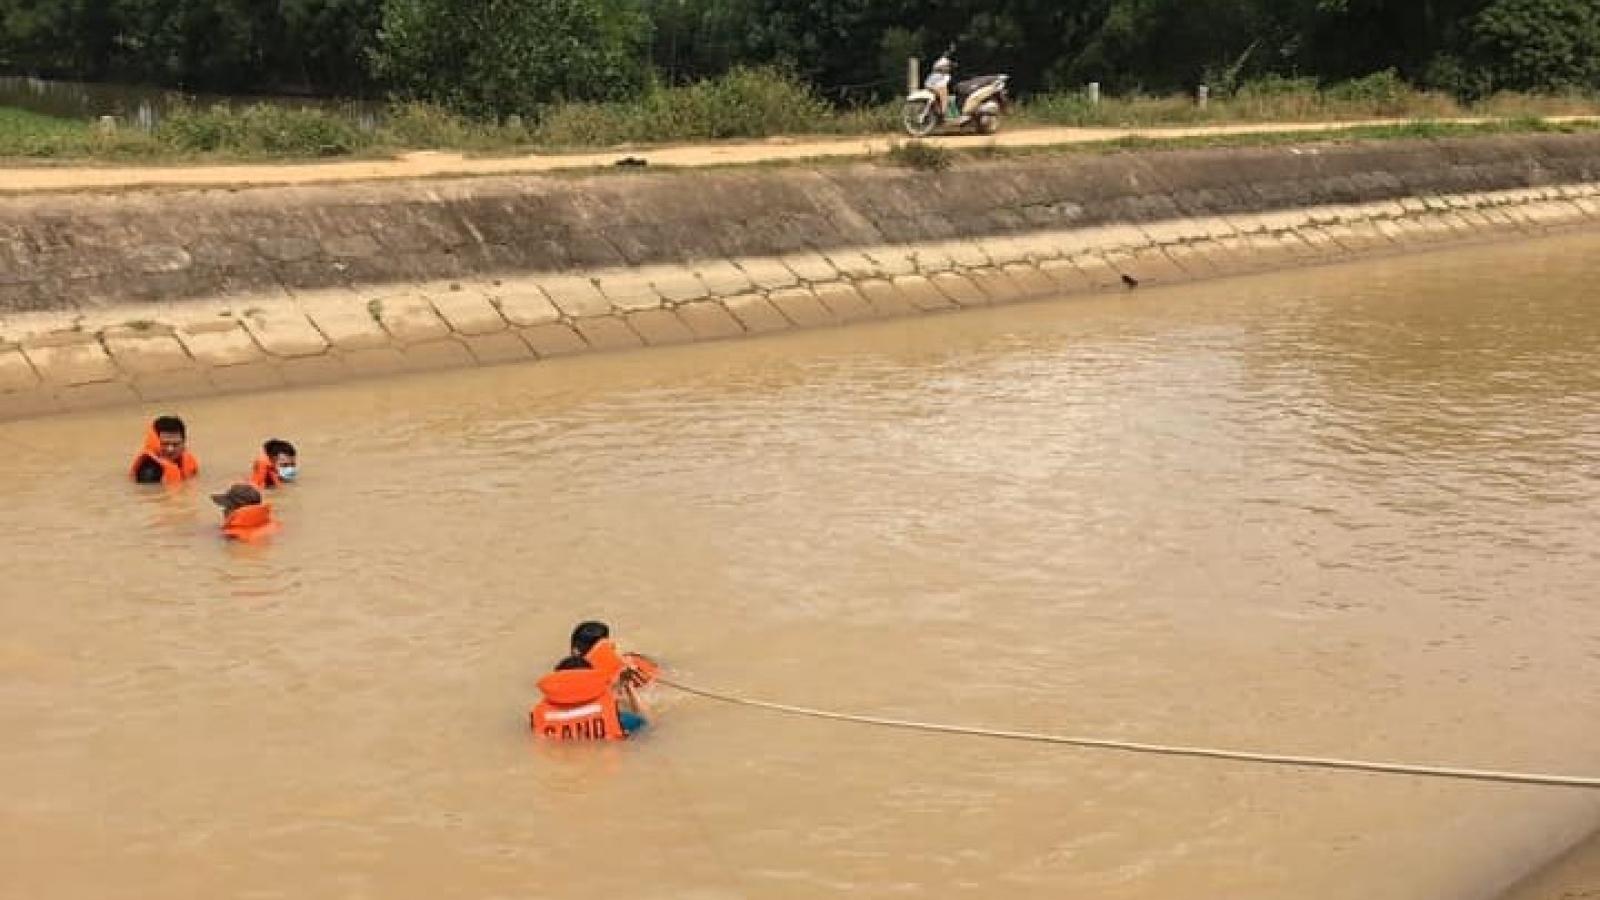 Phát hiện thi thể một phụ nữ dưới sông ở Nghệ An